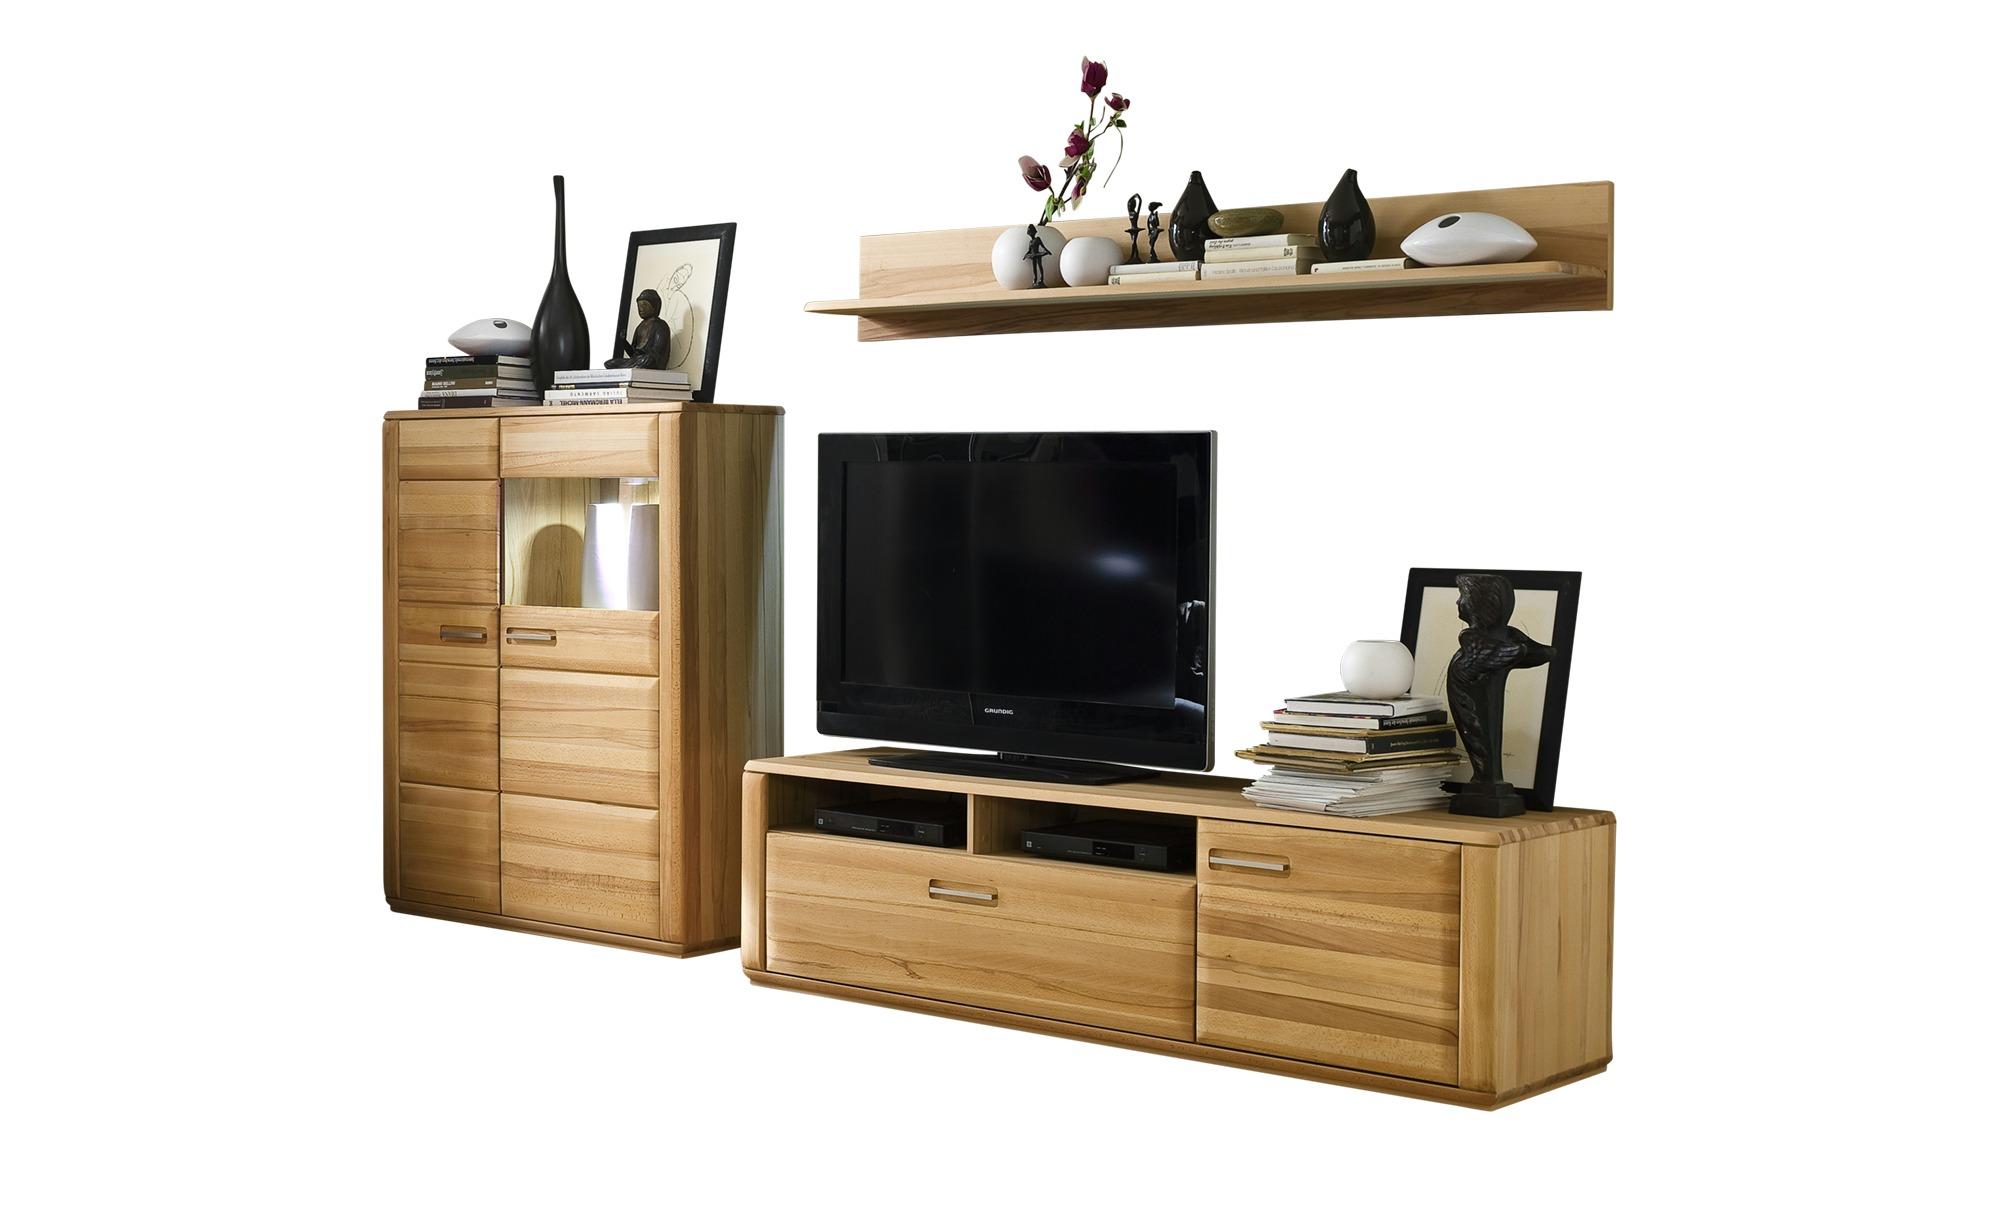 Woodford Wohnwand Dio Kernbuche Bei Möbel Kraft Online Kaufen